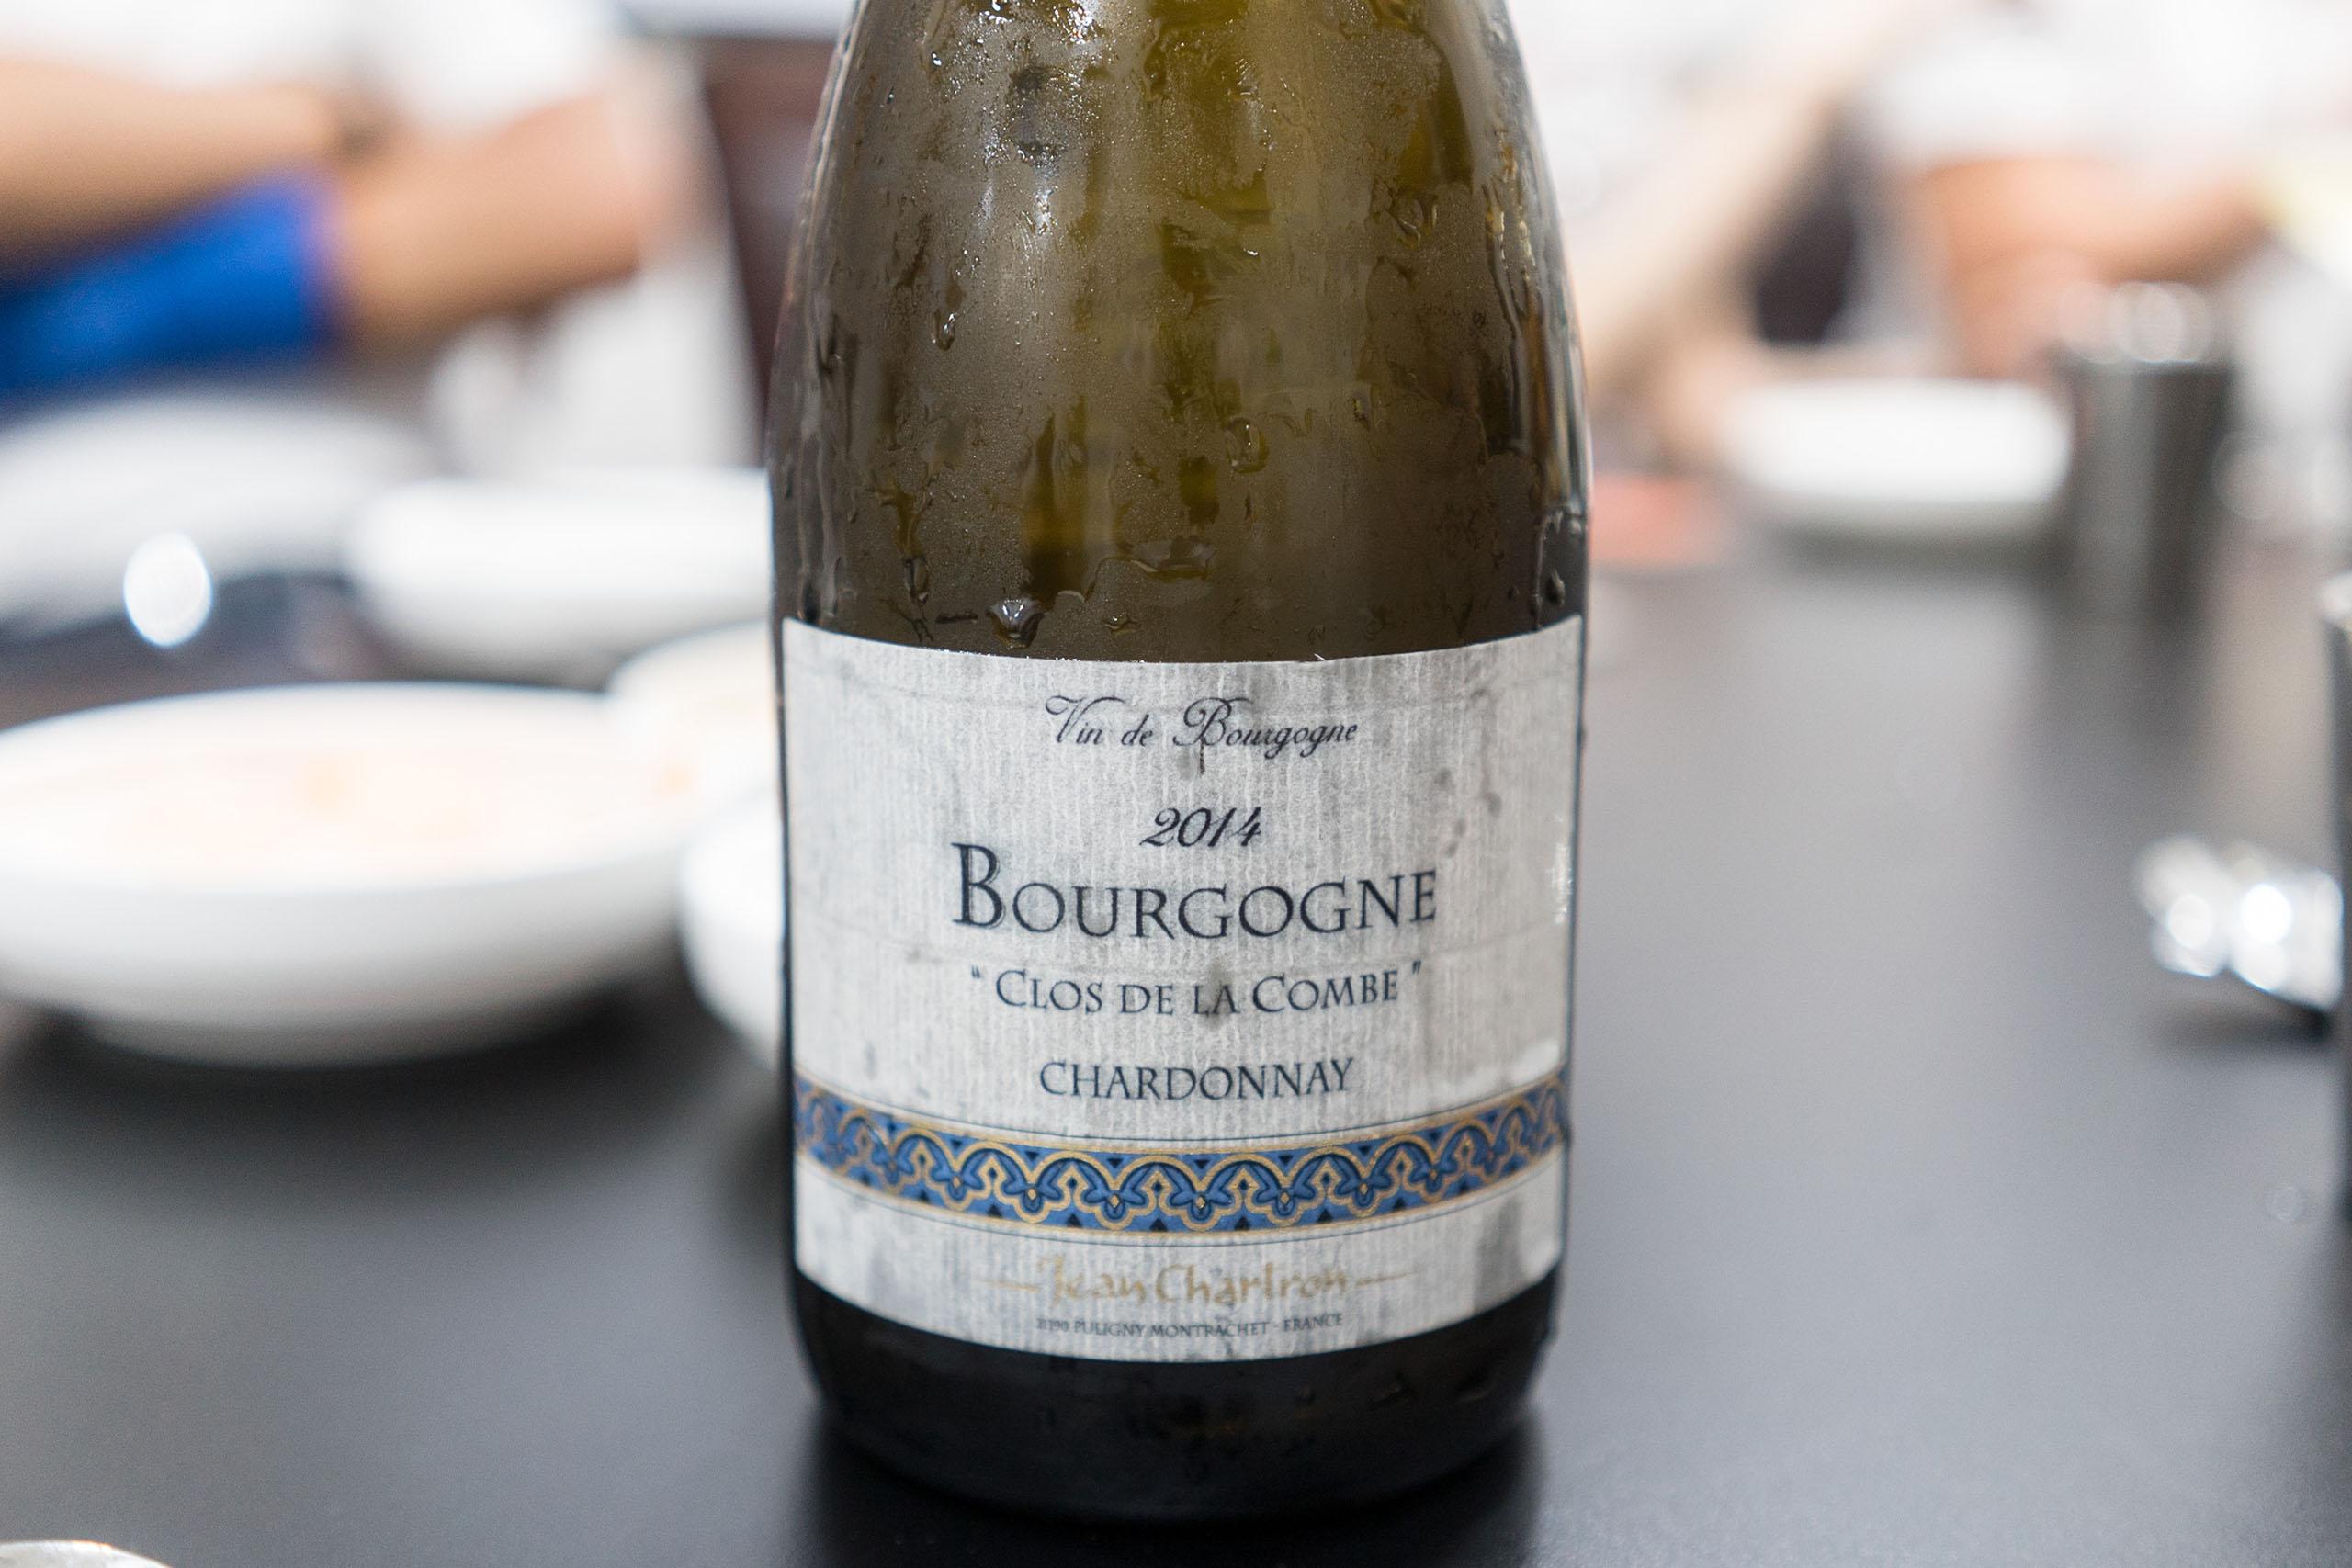 Domaine Jean Chartron, Bourgogne Clos de la Combe Chardonnay 2014